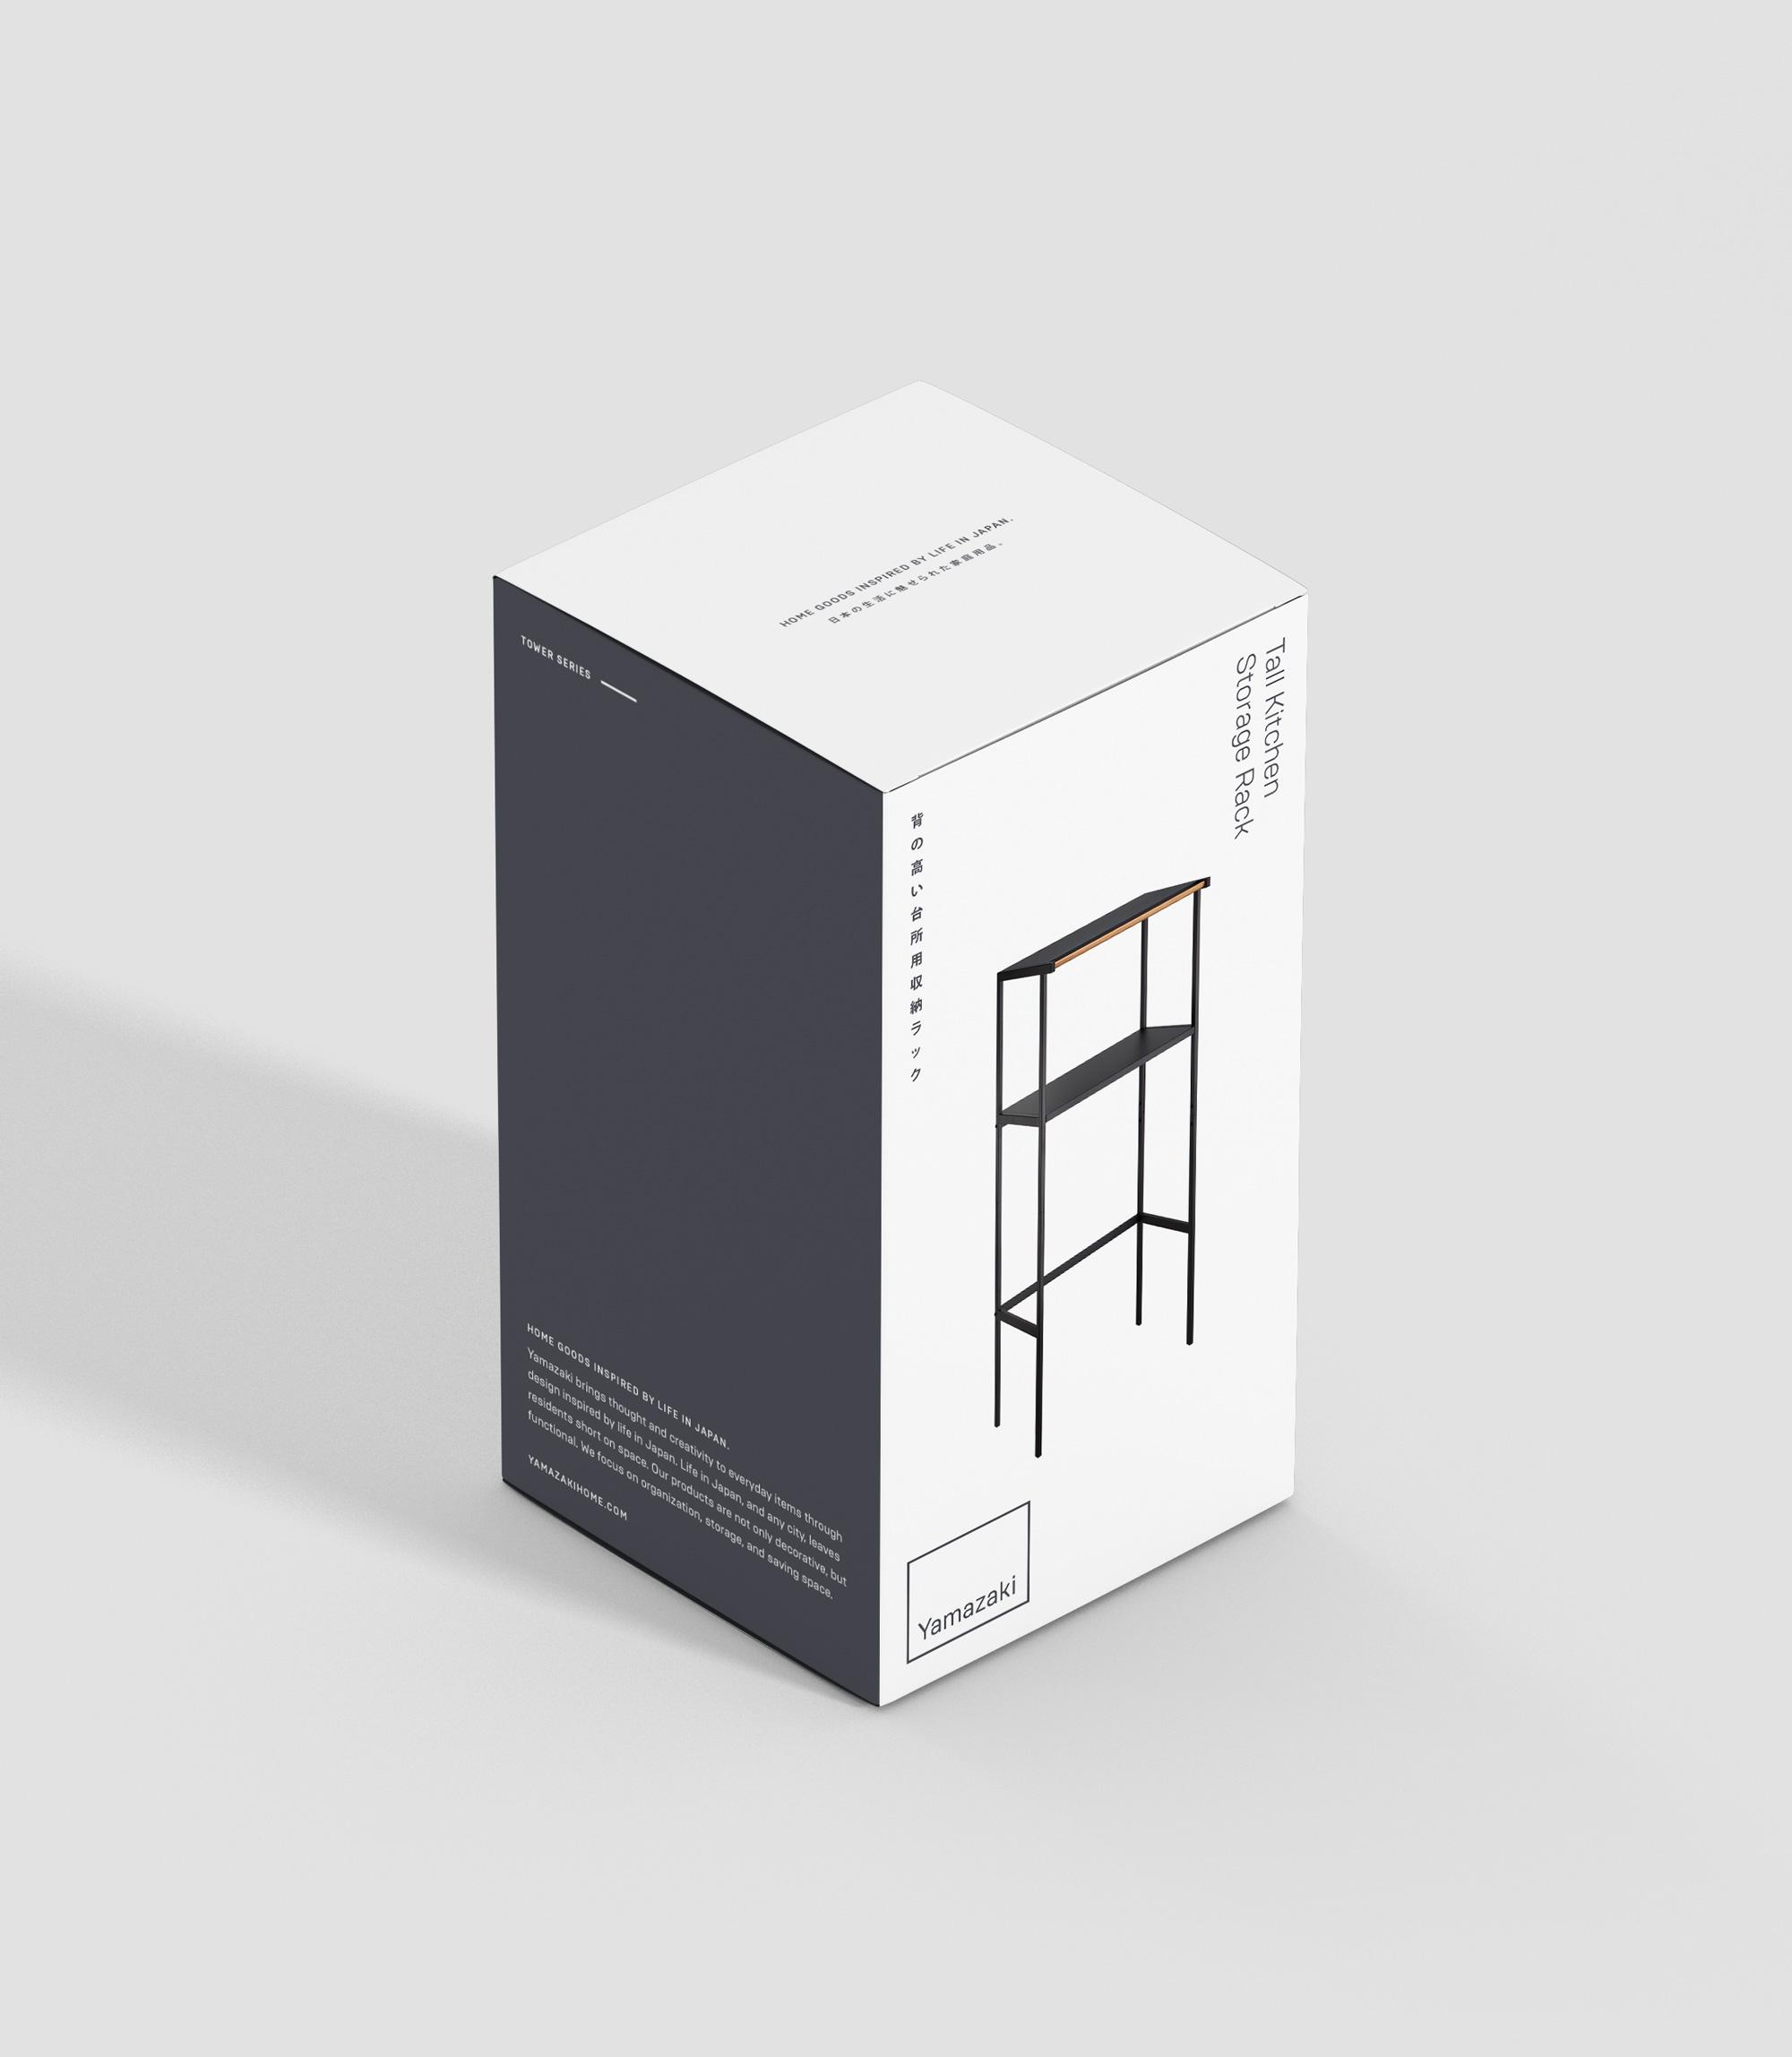 Yamazaki-Tall-Box